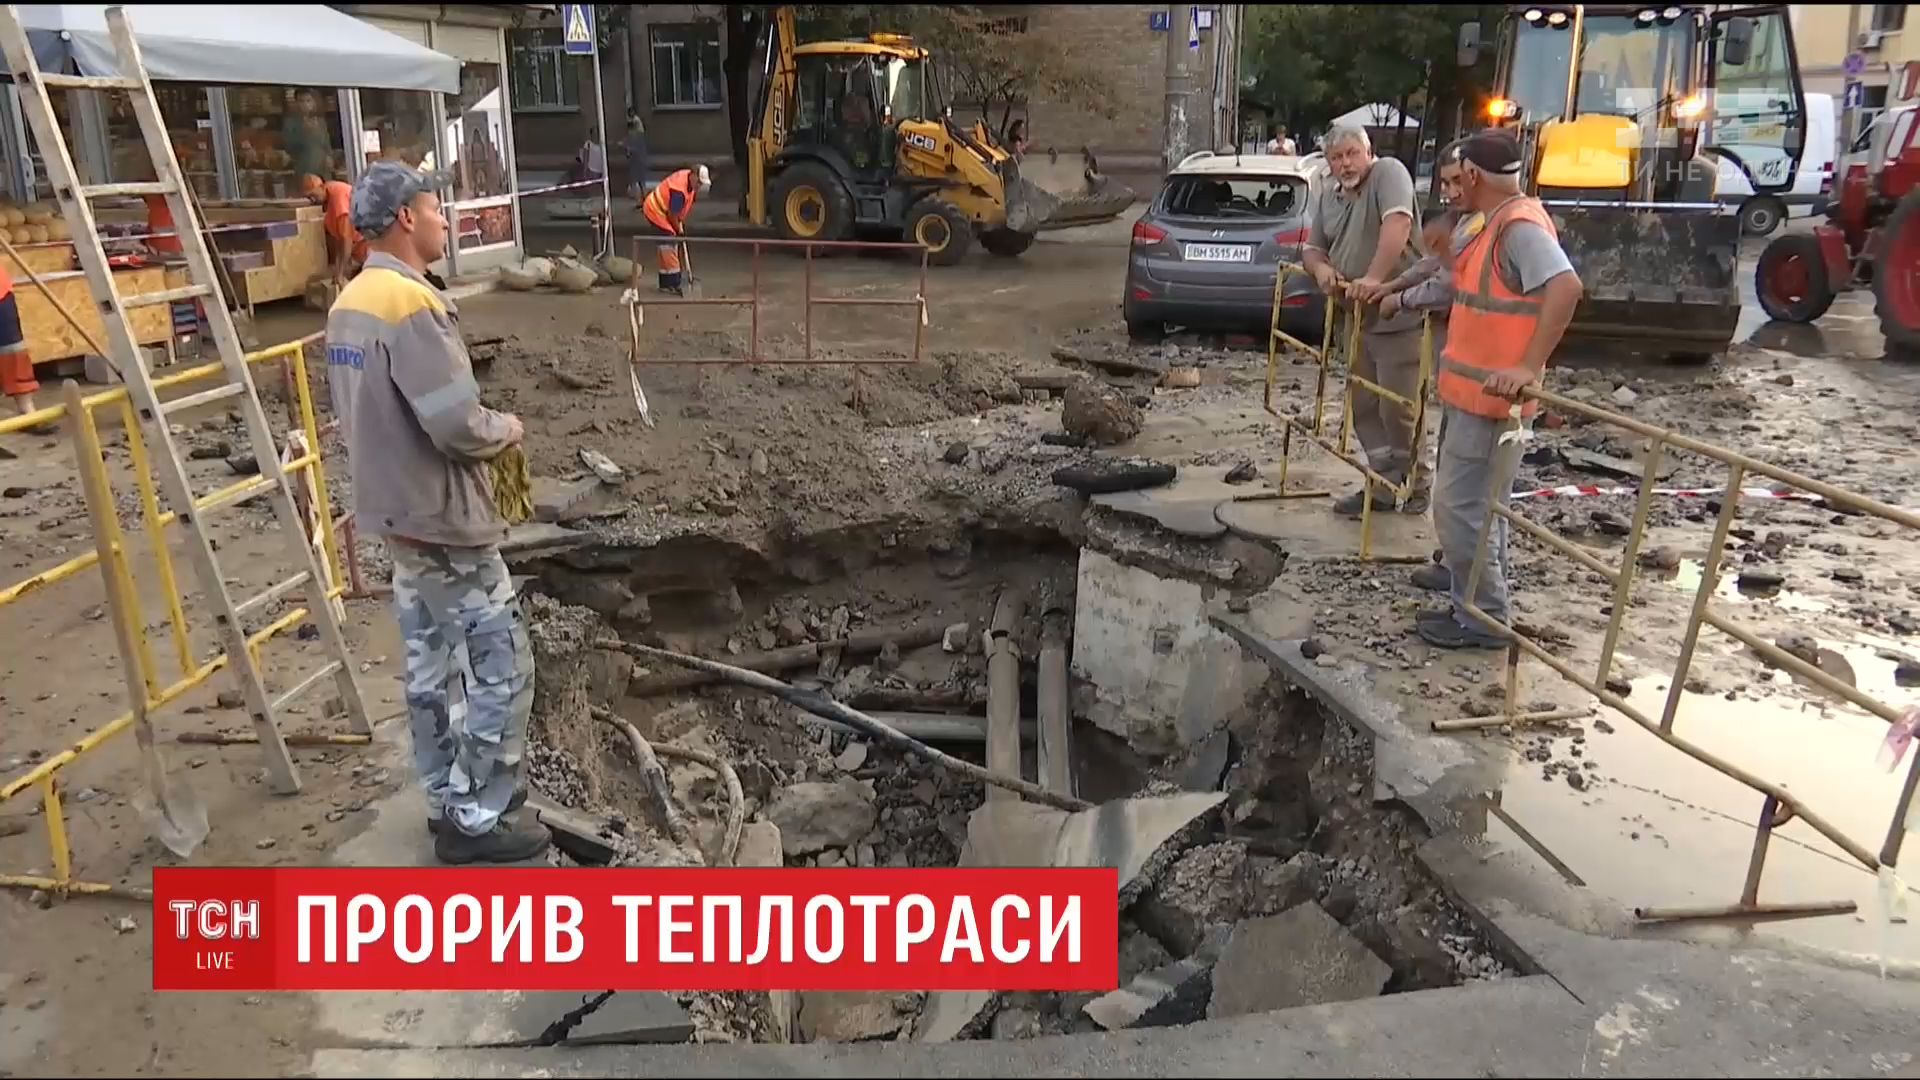 У Києві прорвало трубу / Кадр з відео ТСН